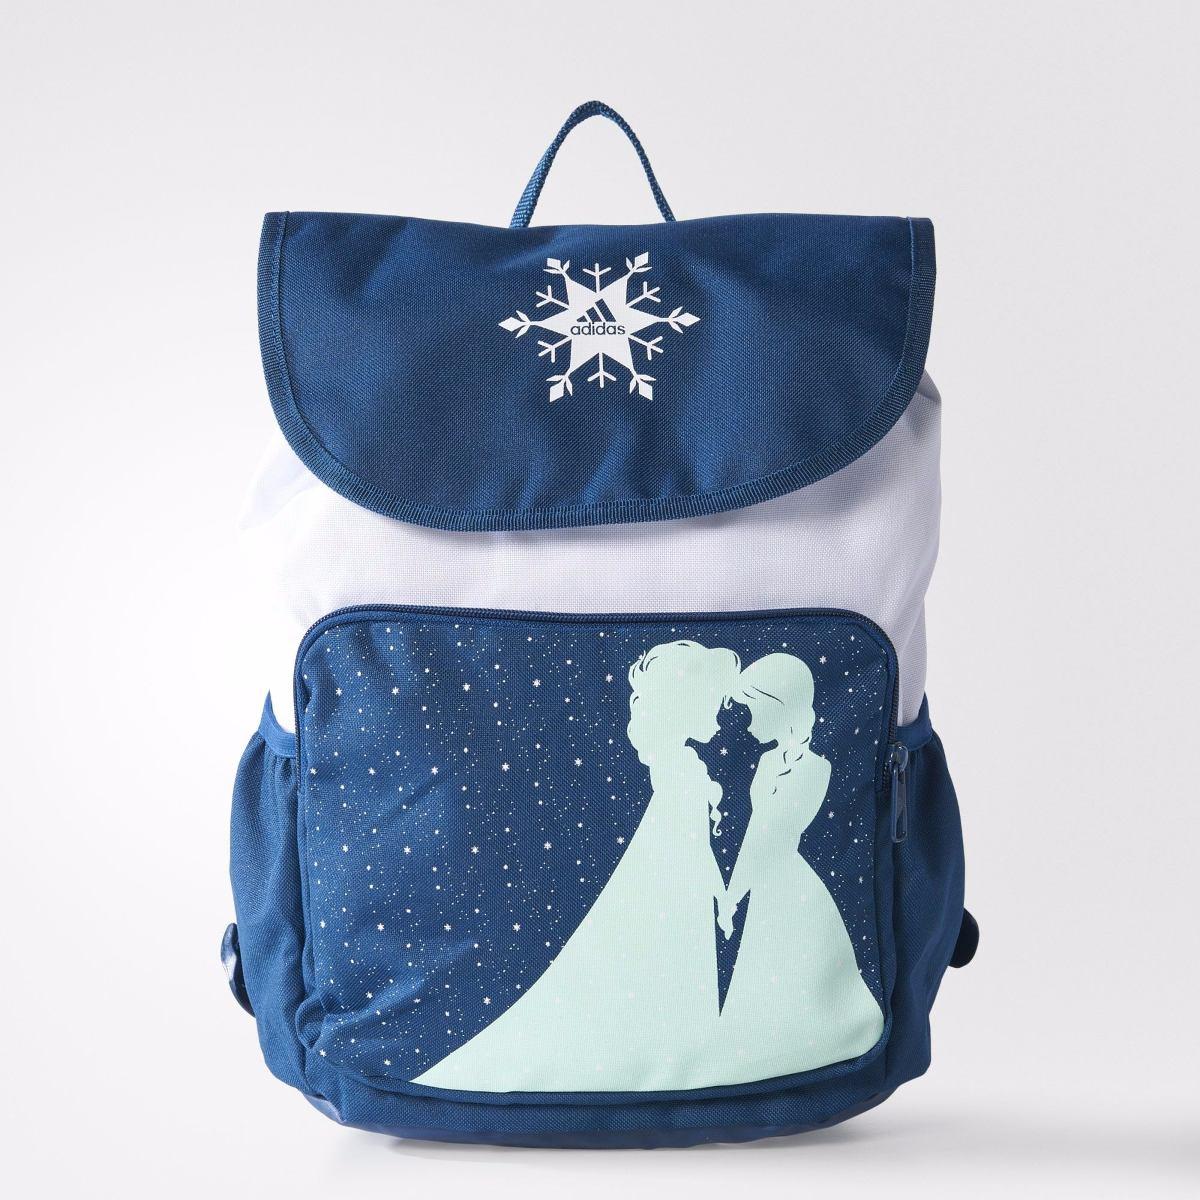 comprar lo mejor calidad primero en stock Mochila Escolar Disney Frozen Elsa Y Anna Niña adidas Az1844